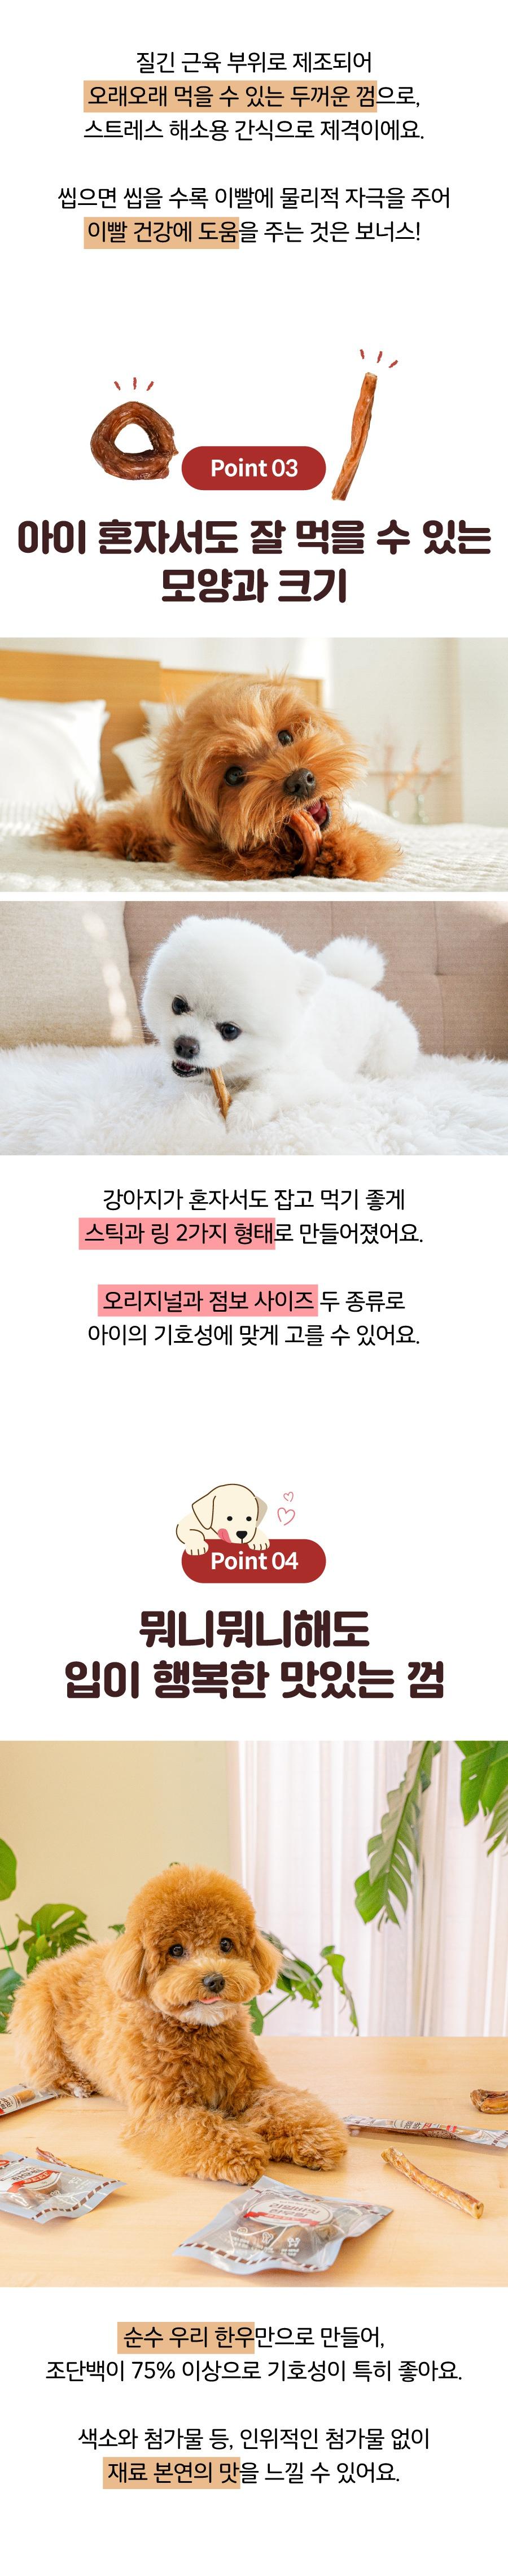 리얼바잇 돼지귀슬라이스&한우스틱&한우링-상품이미지-21